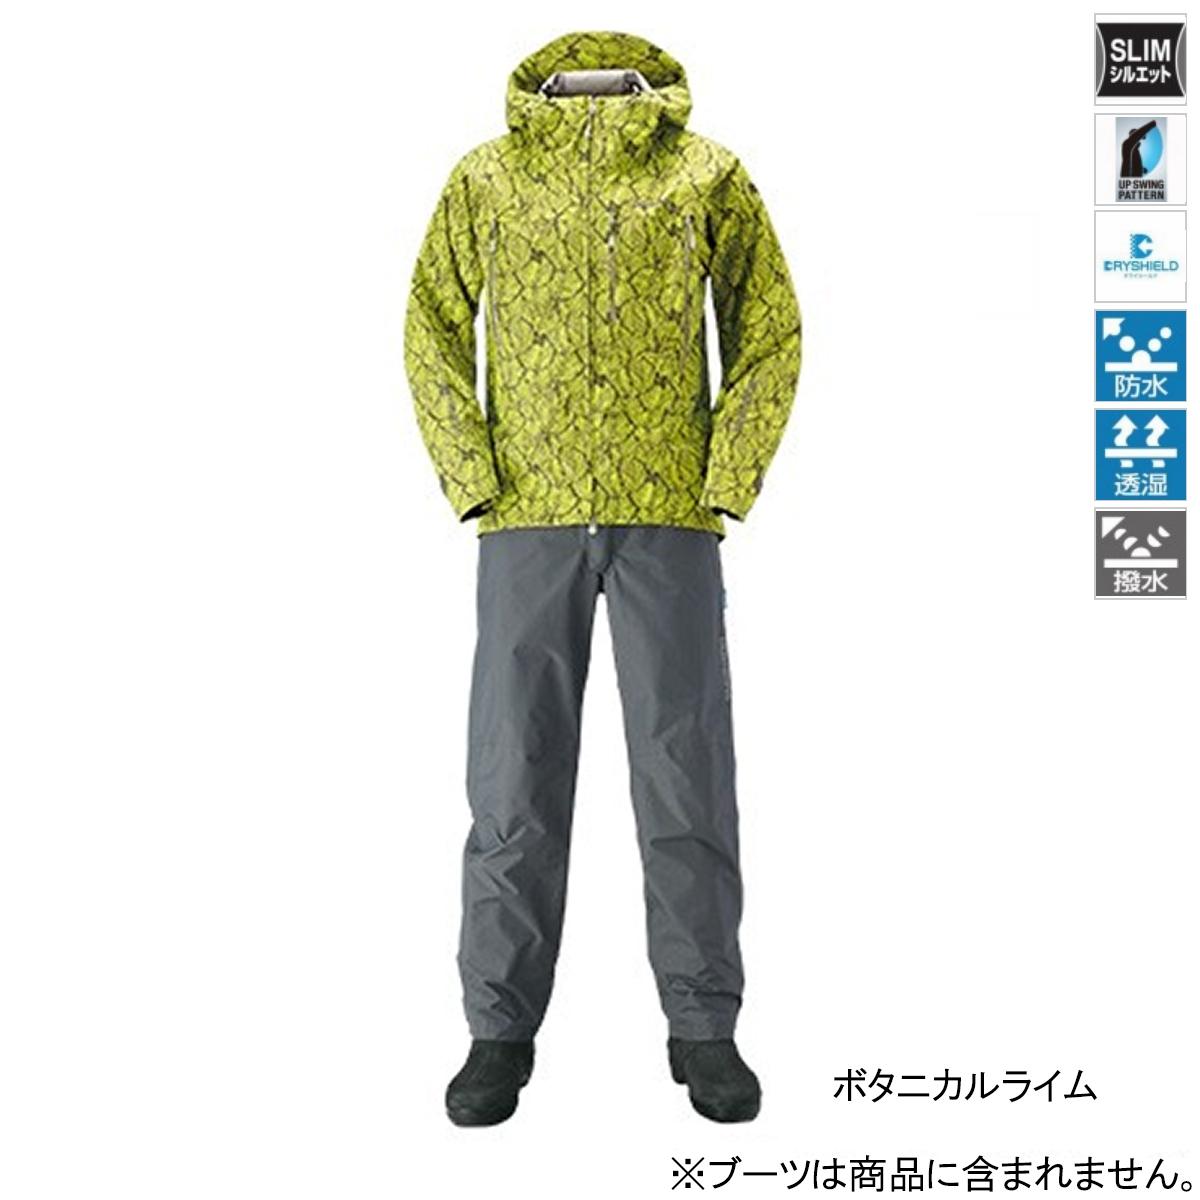 シマノ DSエクスプローラースーツ RA-024S 2XL ボタニカルライム(東日本店)